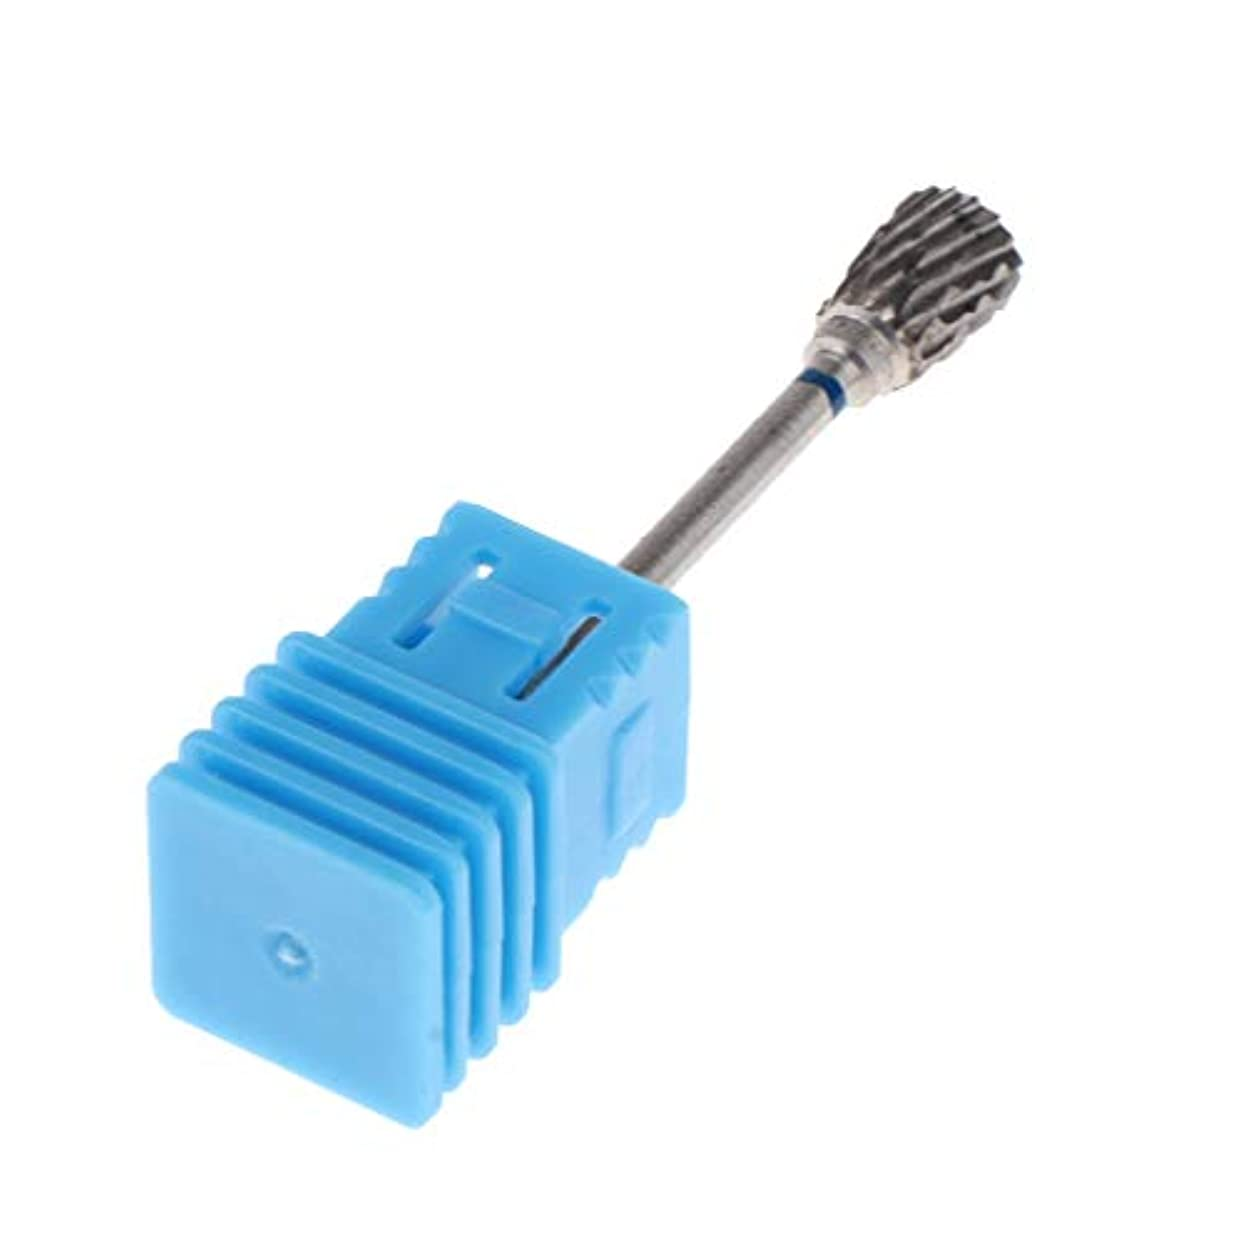 応用バズ気になるToygogo 電気釘ファイル機械のための釘の穴あけ工具のタングステンの鋼鉄炭化物の穴あけ工具のキューティクルの除去剤3/32 - #9